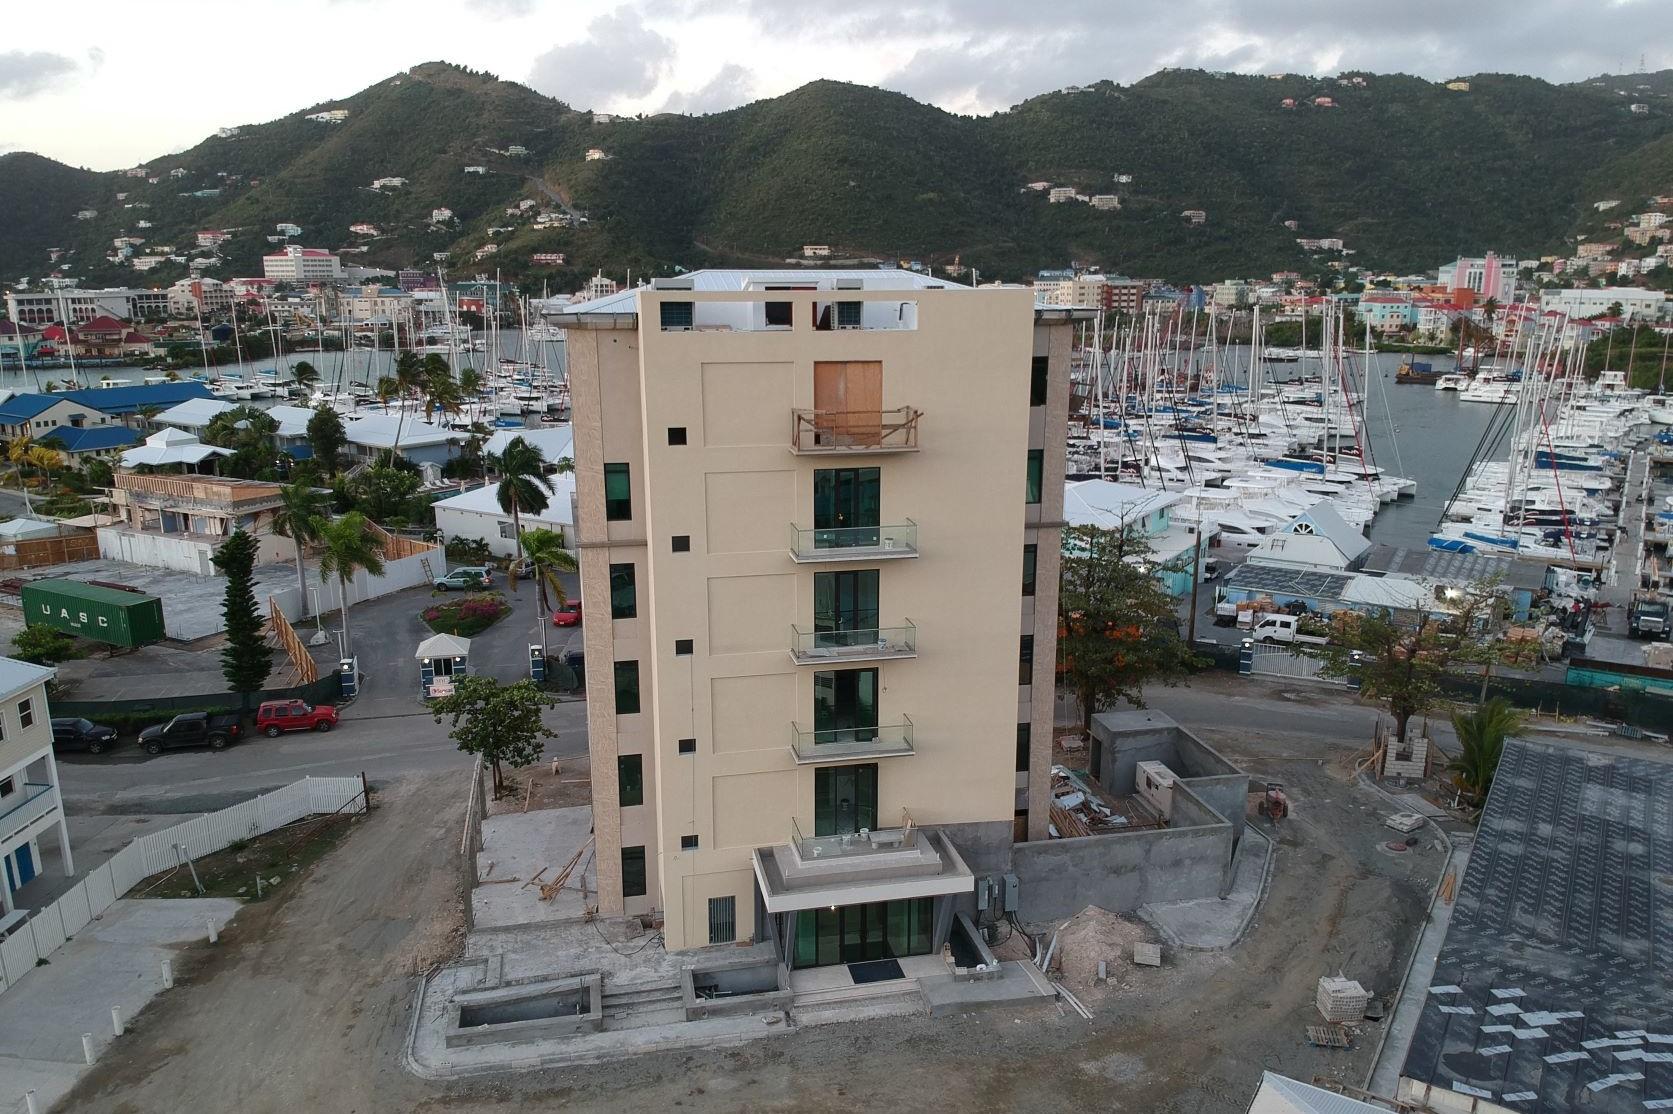 Pasea Investments Ltd (PIL) Building